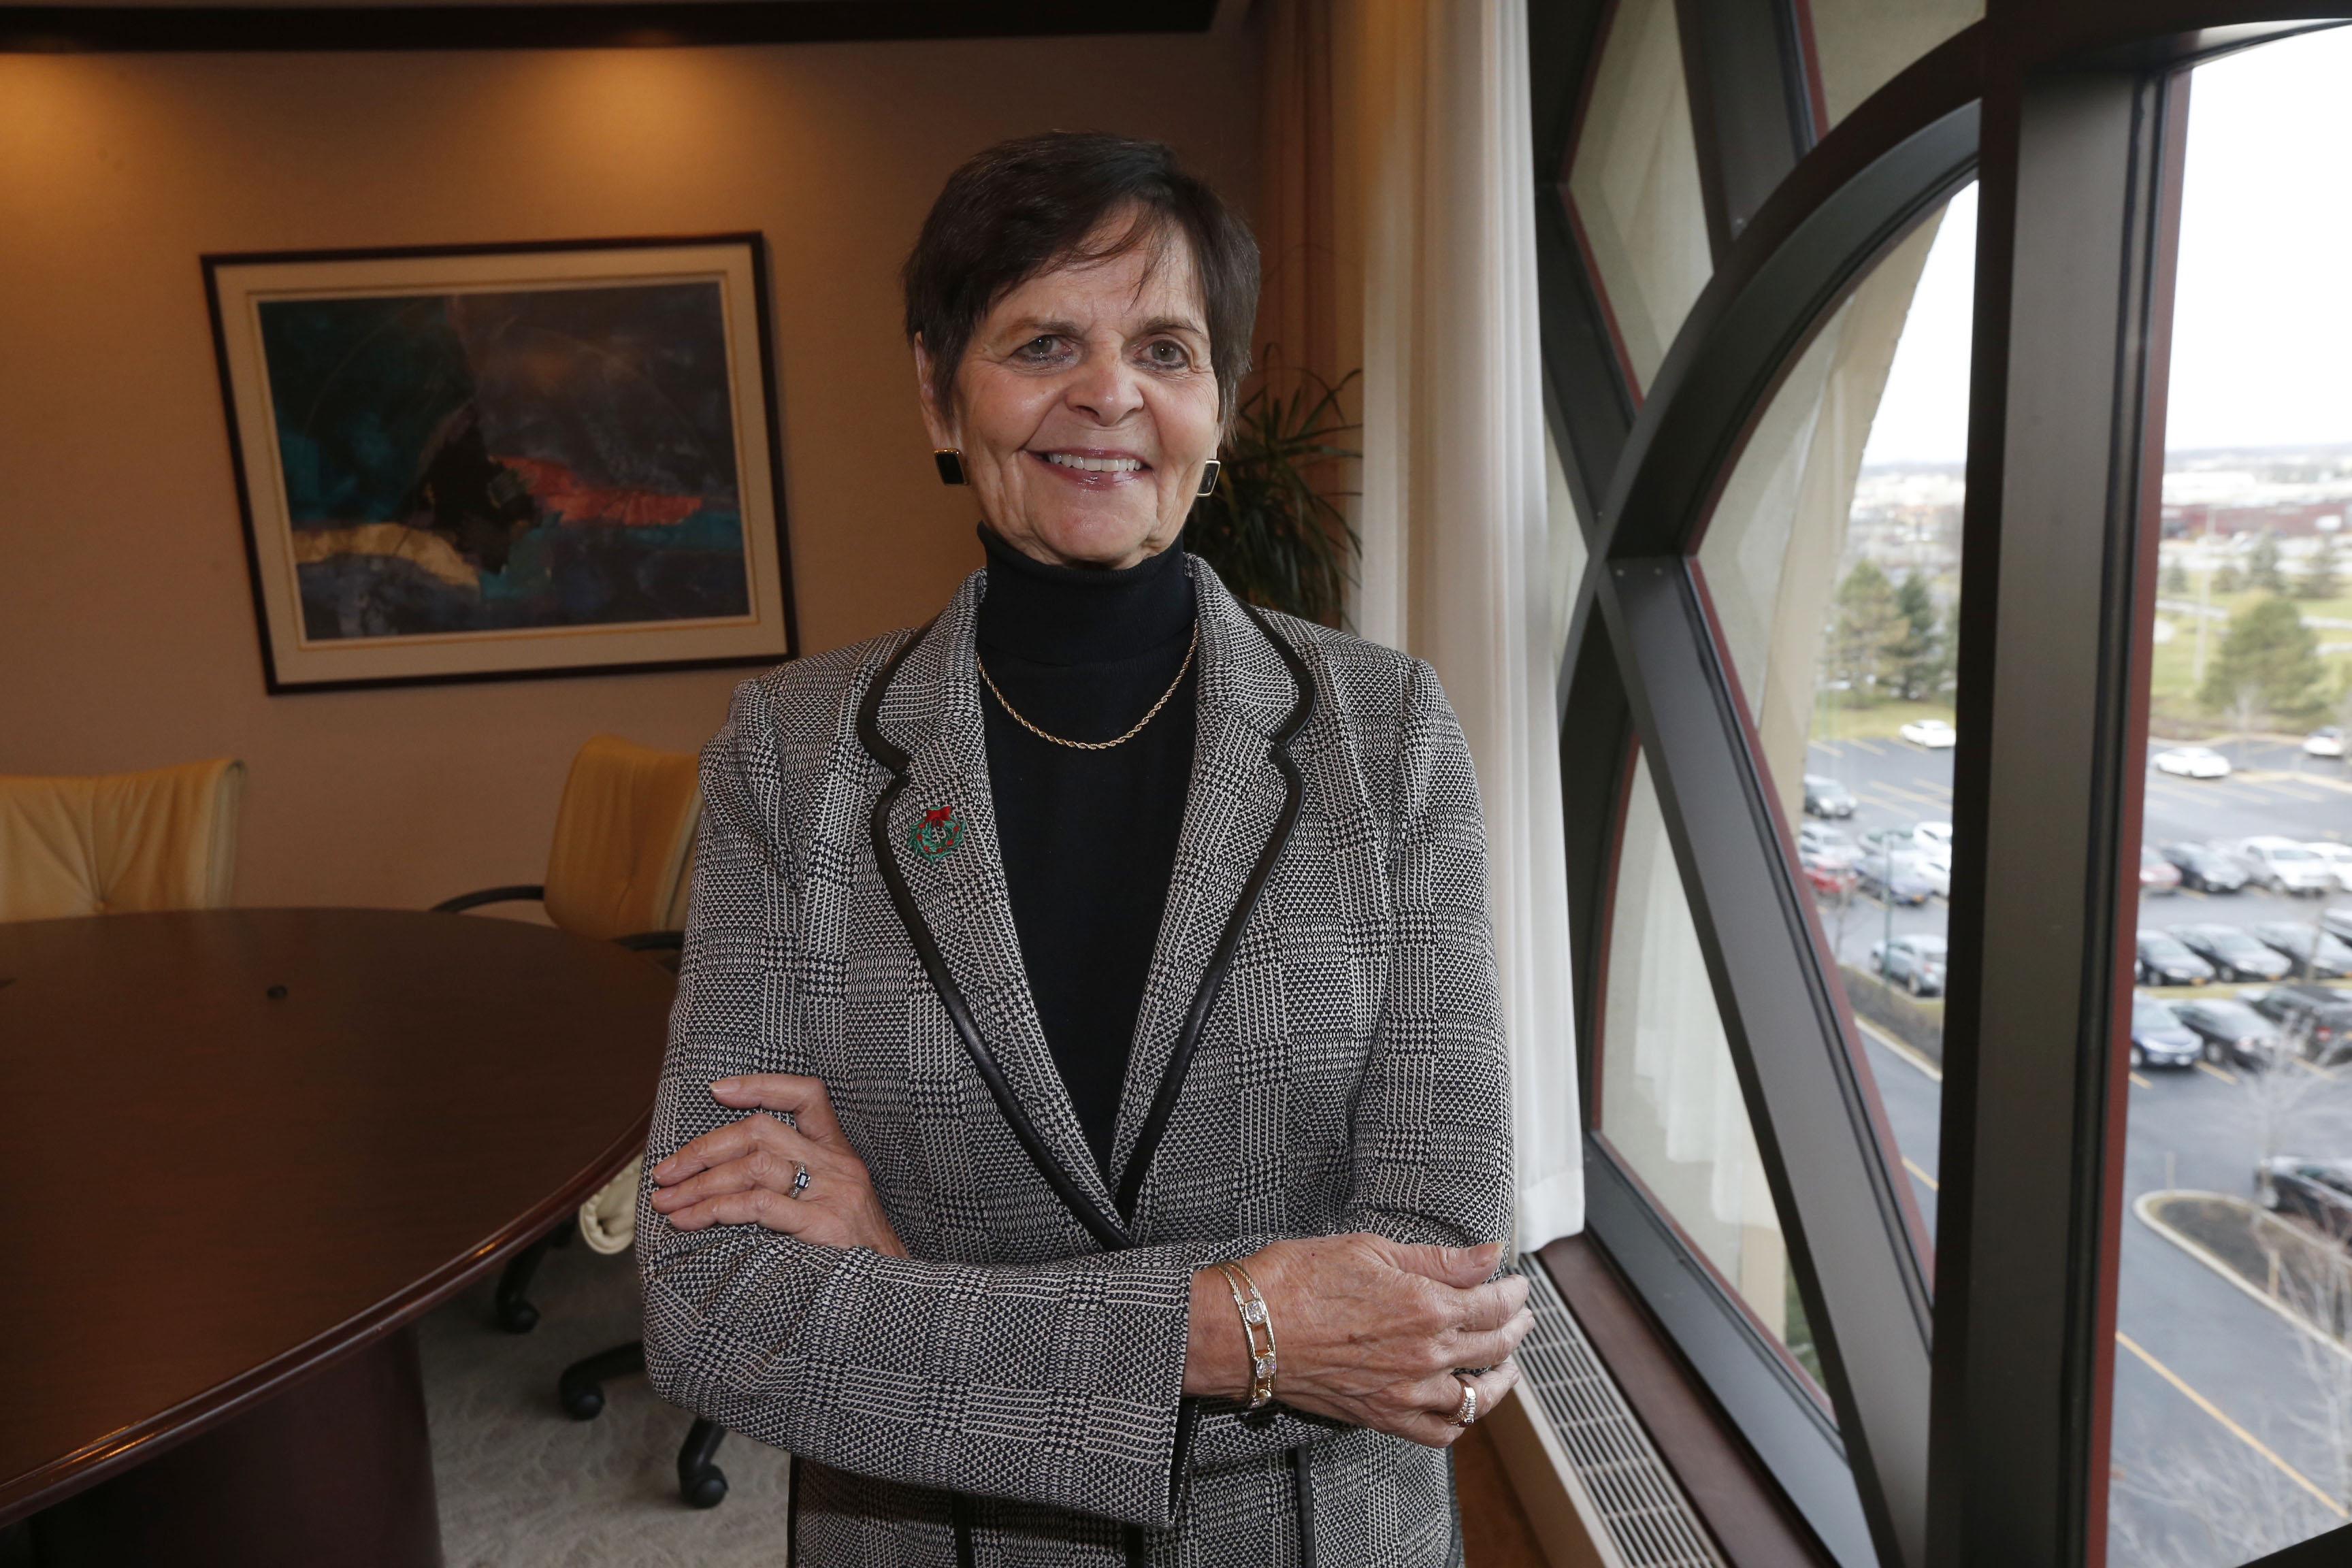 Nancy Dobson, retiring co-founder of Uniland at her Amherst office onTuesday, Dec. 6, 2016.  (Robert Kirkham/Buffalo News)